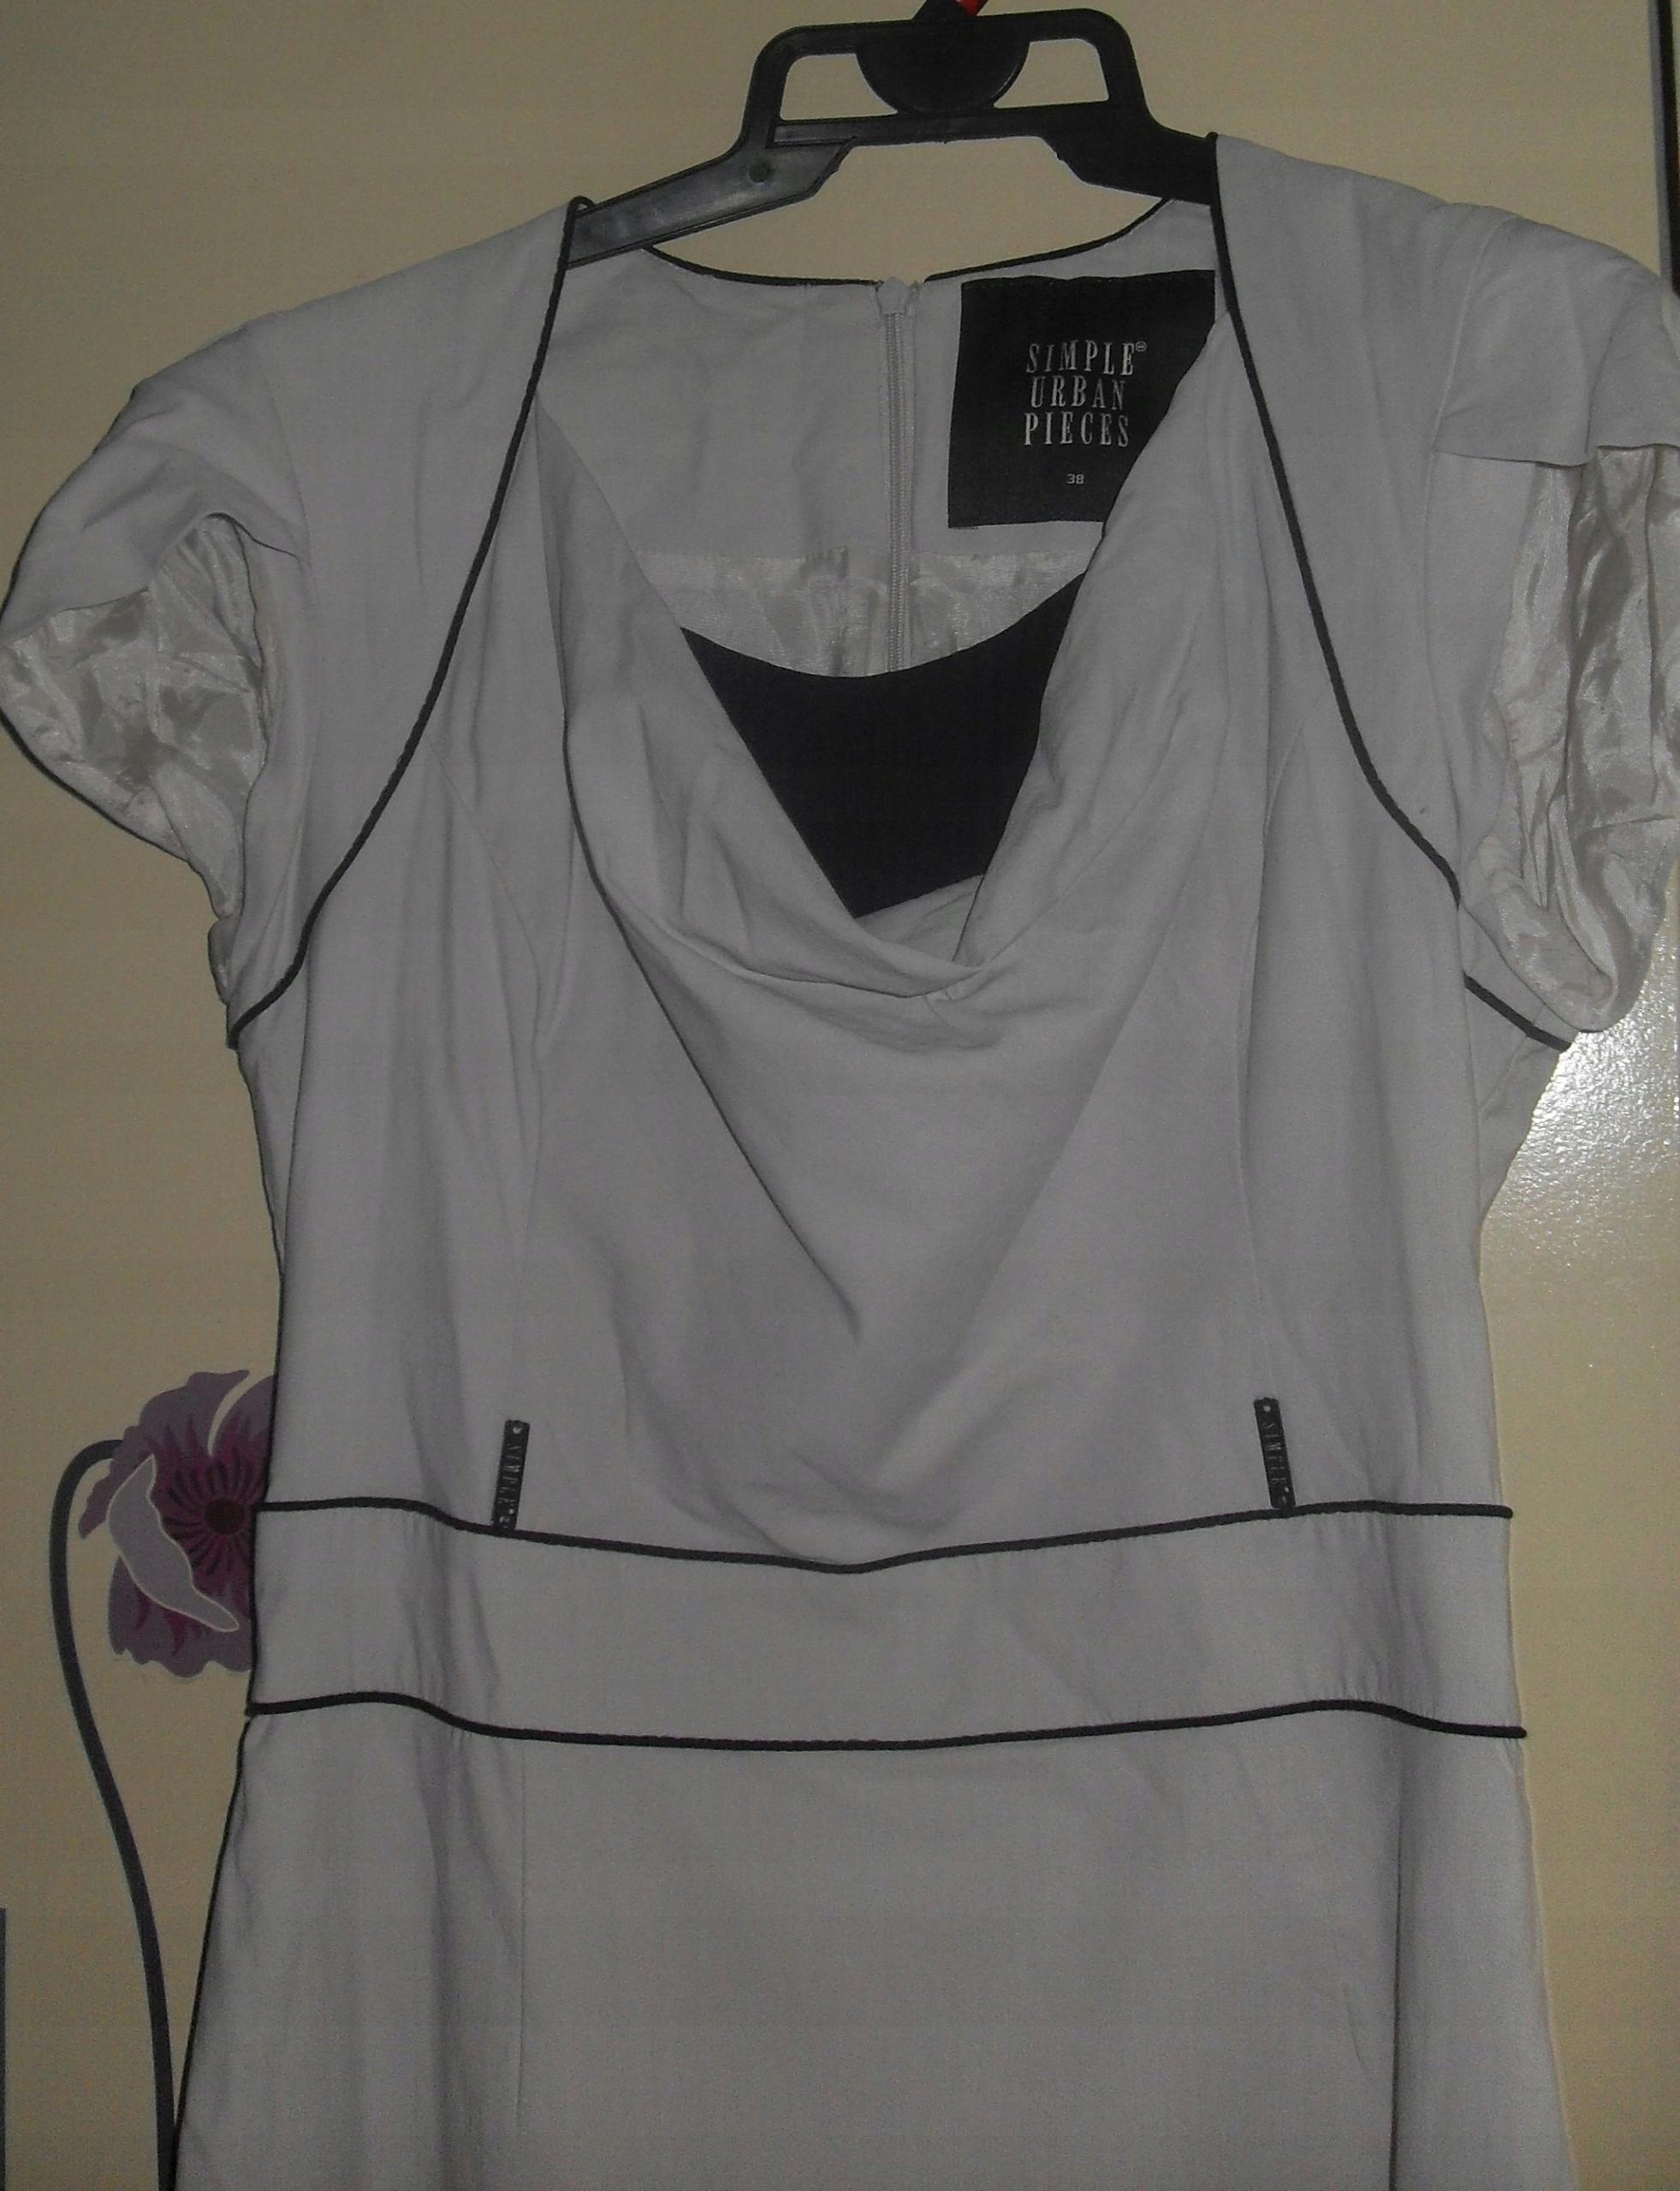 6c31a4c501 simple 38 sukienka - 7534038128 - oficjalne archiwum allegro